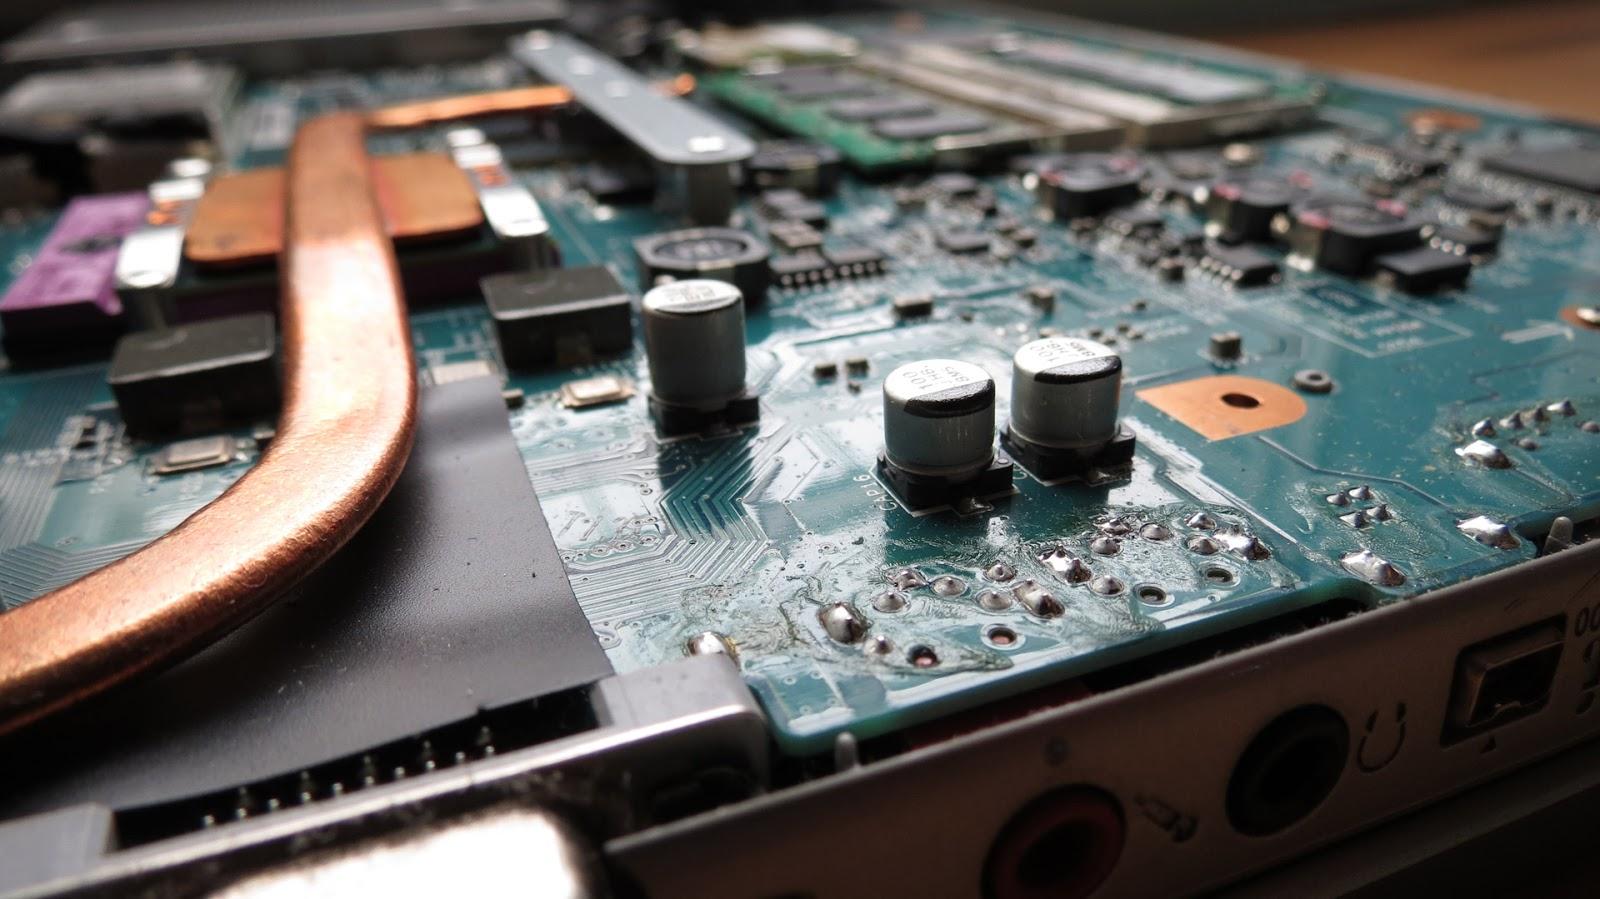 パソコンから「ピー」という警告音 ビープ音 が聞こえた時の対応まとめ Eset セキュリティブログ